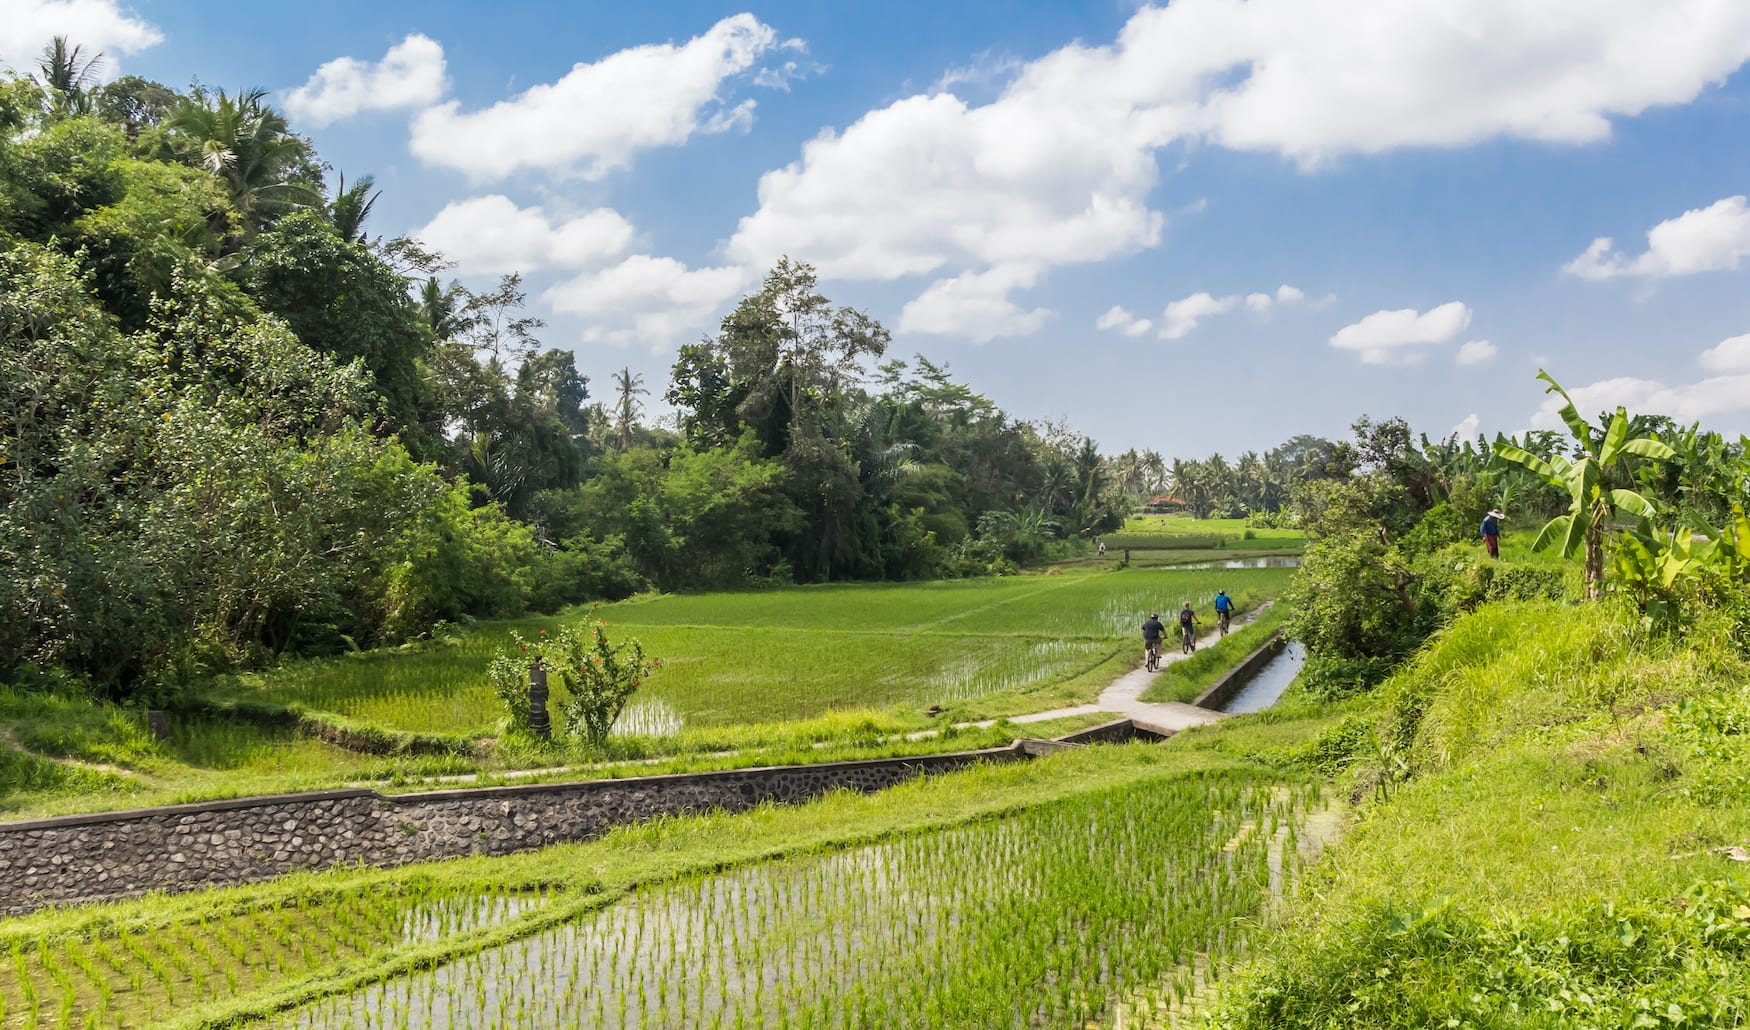 Gruppe von Fahrradfahrern fährt durch Reisfeld in Bali